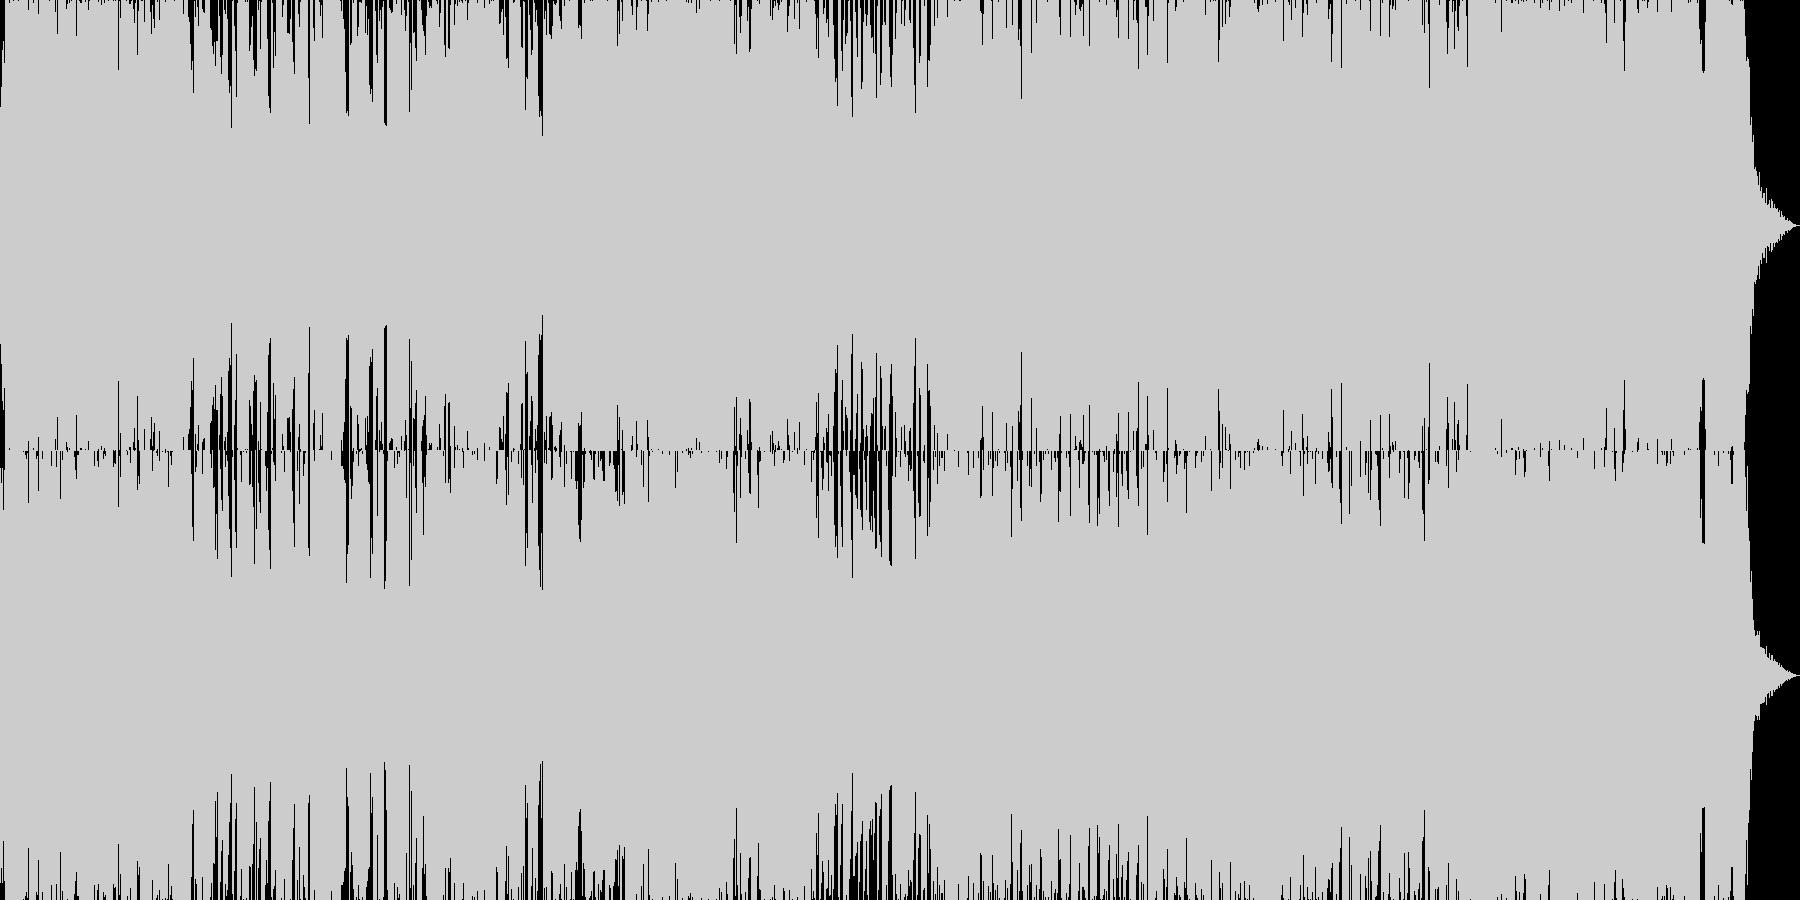 ファンキーでご機嫌なブルージーポップの未再生の波形